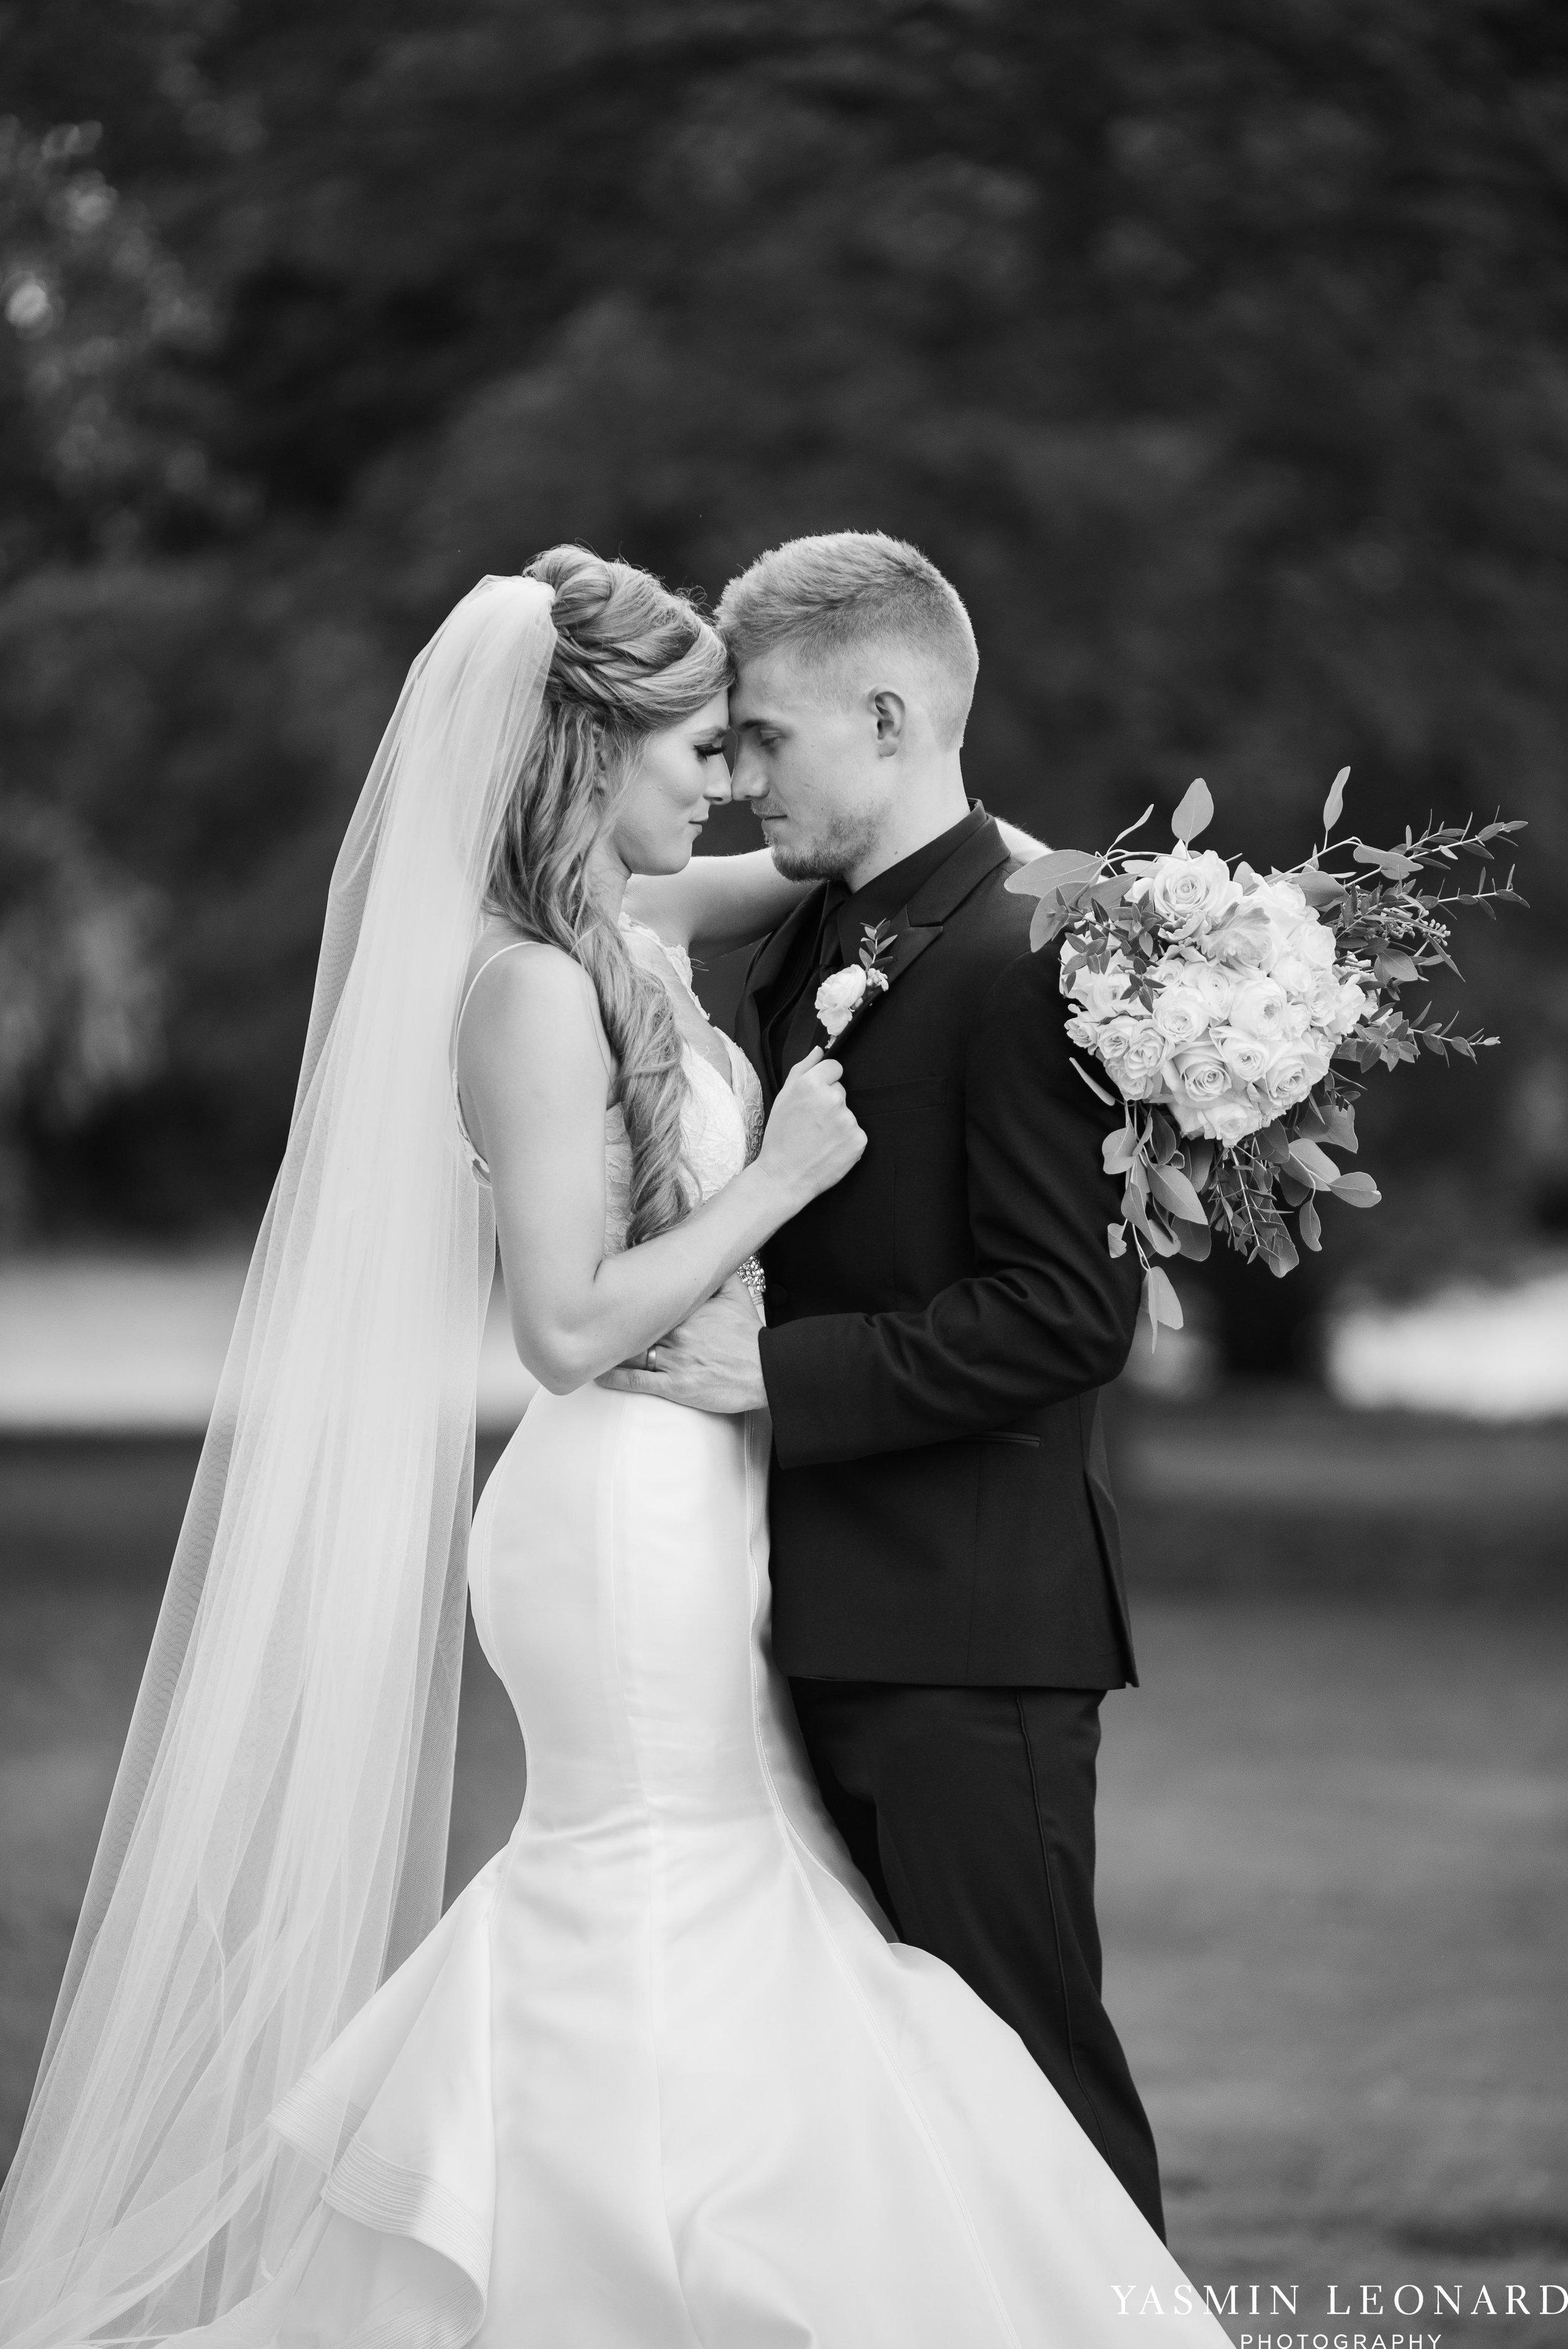 Boxwood Estate - Boxwood Estate Wedding - Luxury Wedding - Black and White Wedding - NC Wedding Venues - NC Weddings - NC Photographer - Lantern Release Grand Exit - Large Wedding Party - Yasmin Leonard Photography-40.jpg